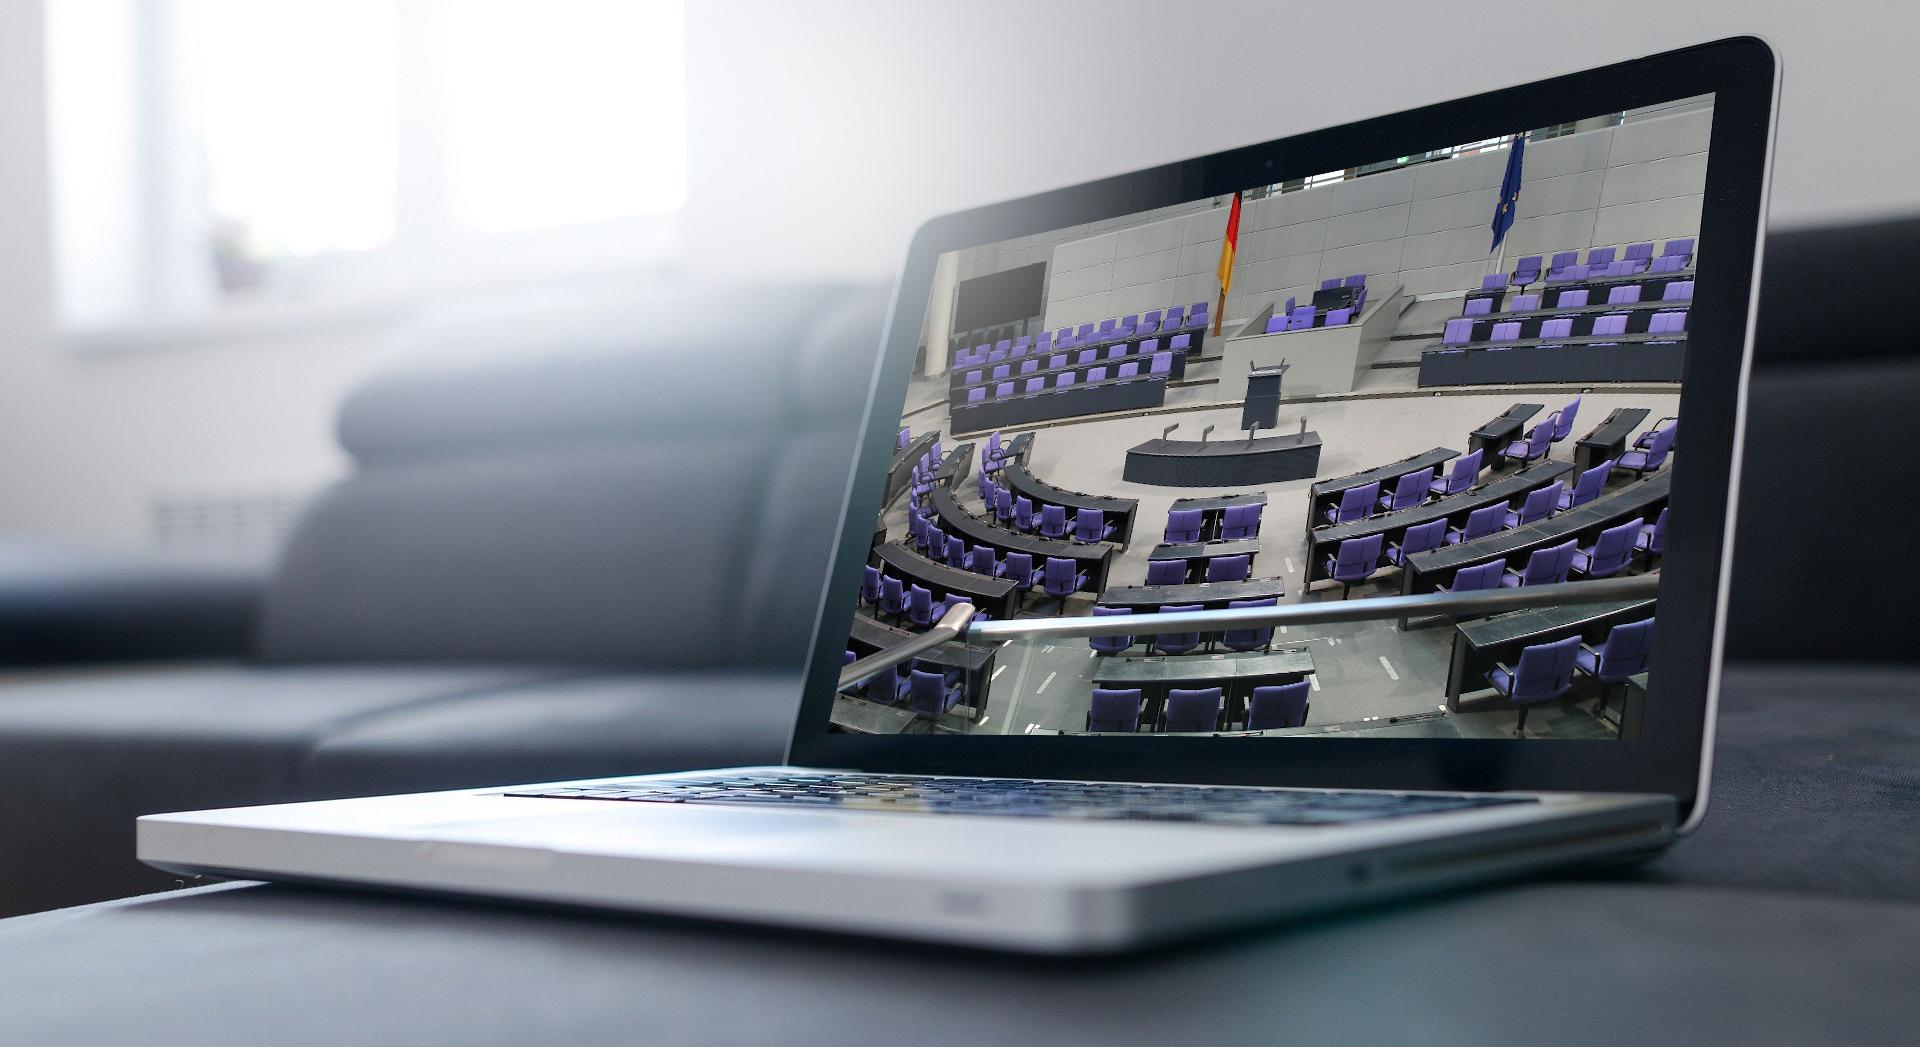 PolisiN bietet neue Workshops und Webinare für Politiker und Politikerinnen an. Bild: Aufgeklappter Laptop mit Bild des Bundestages